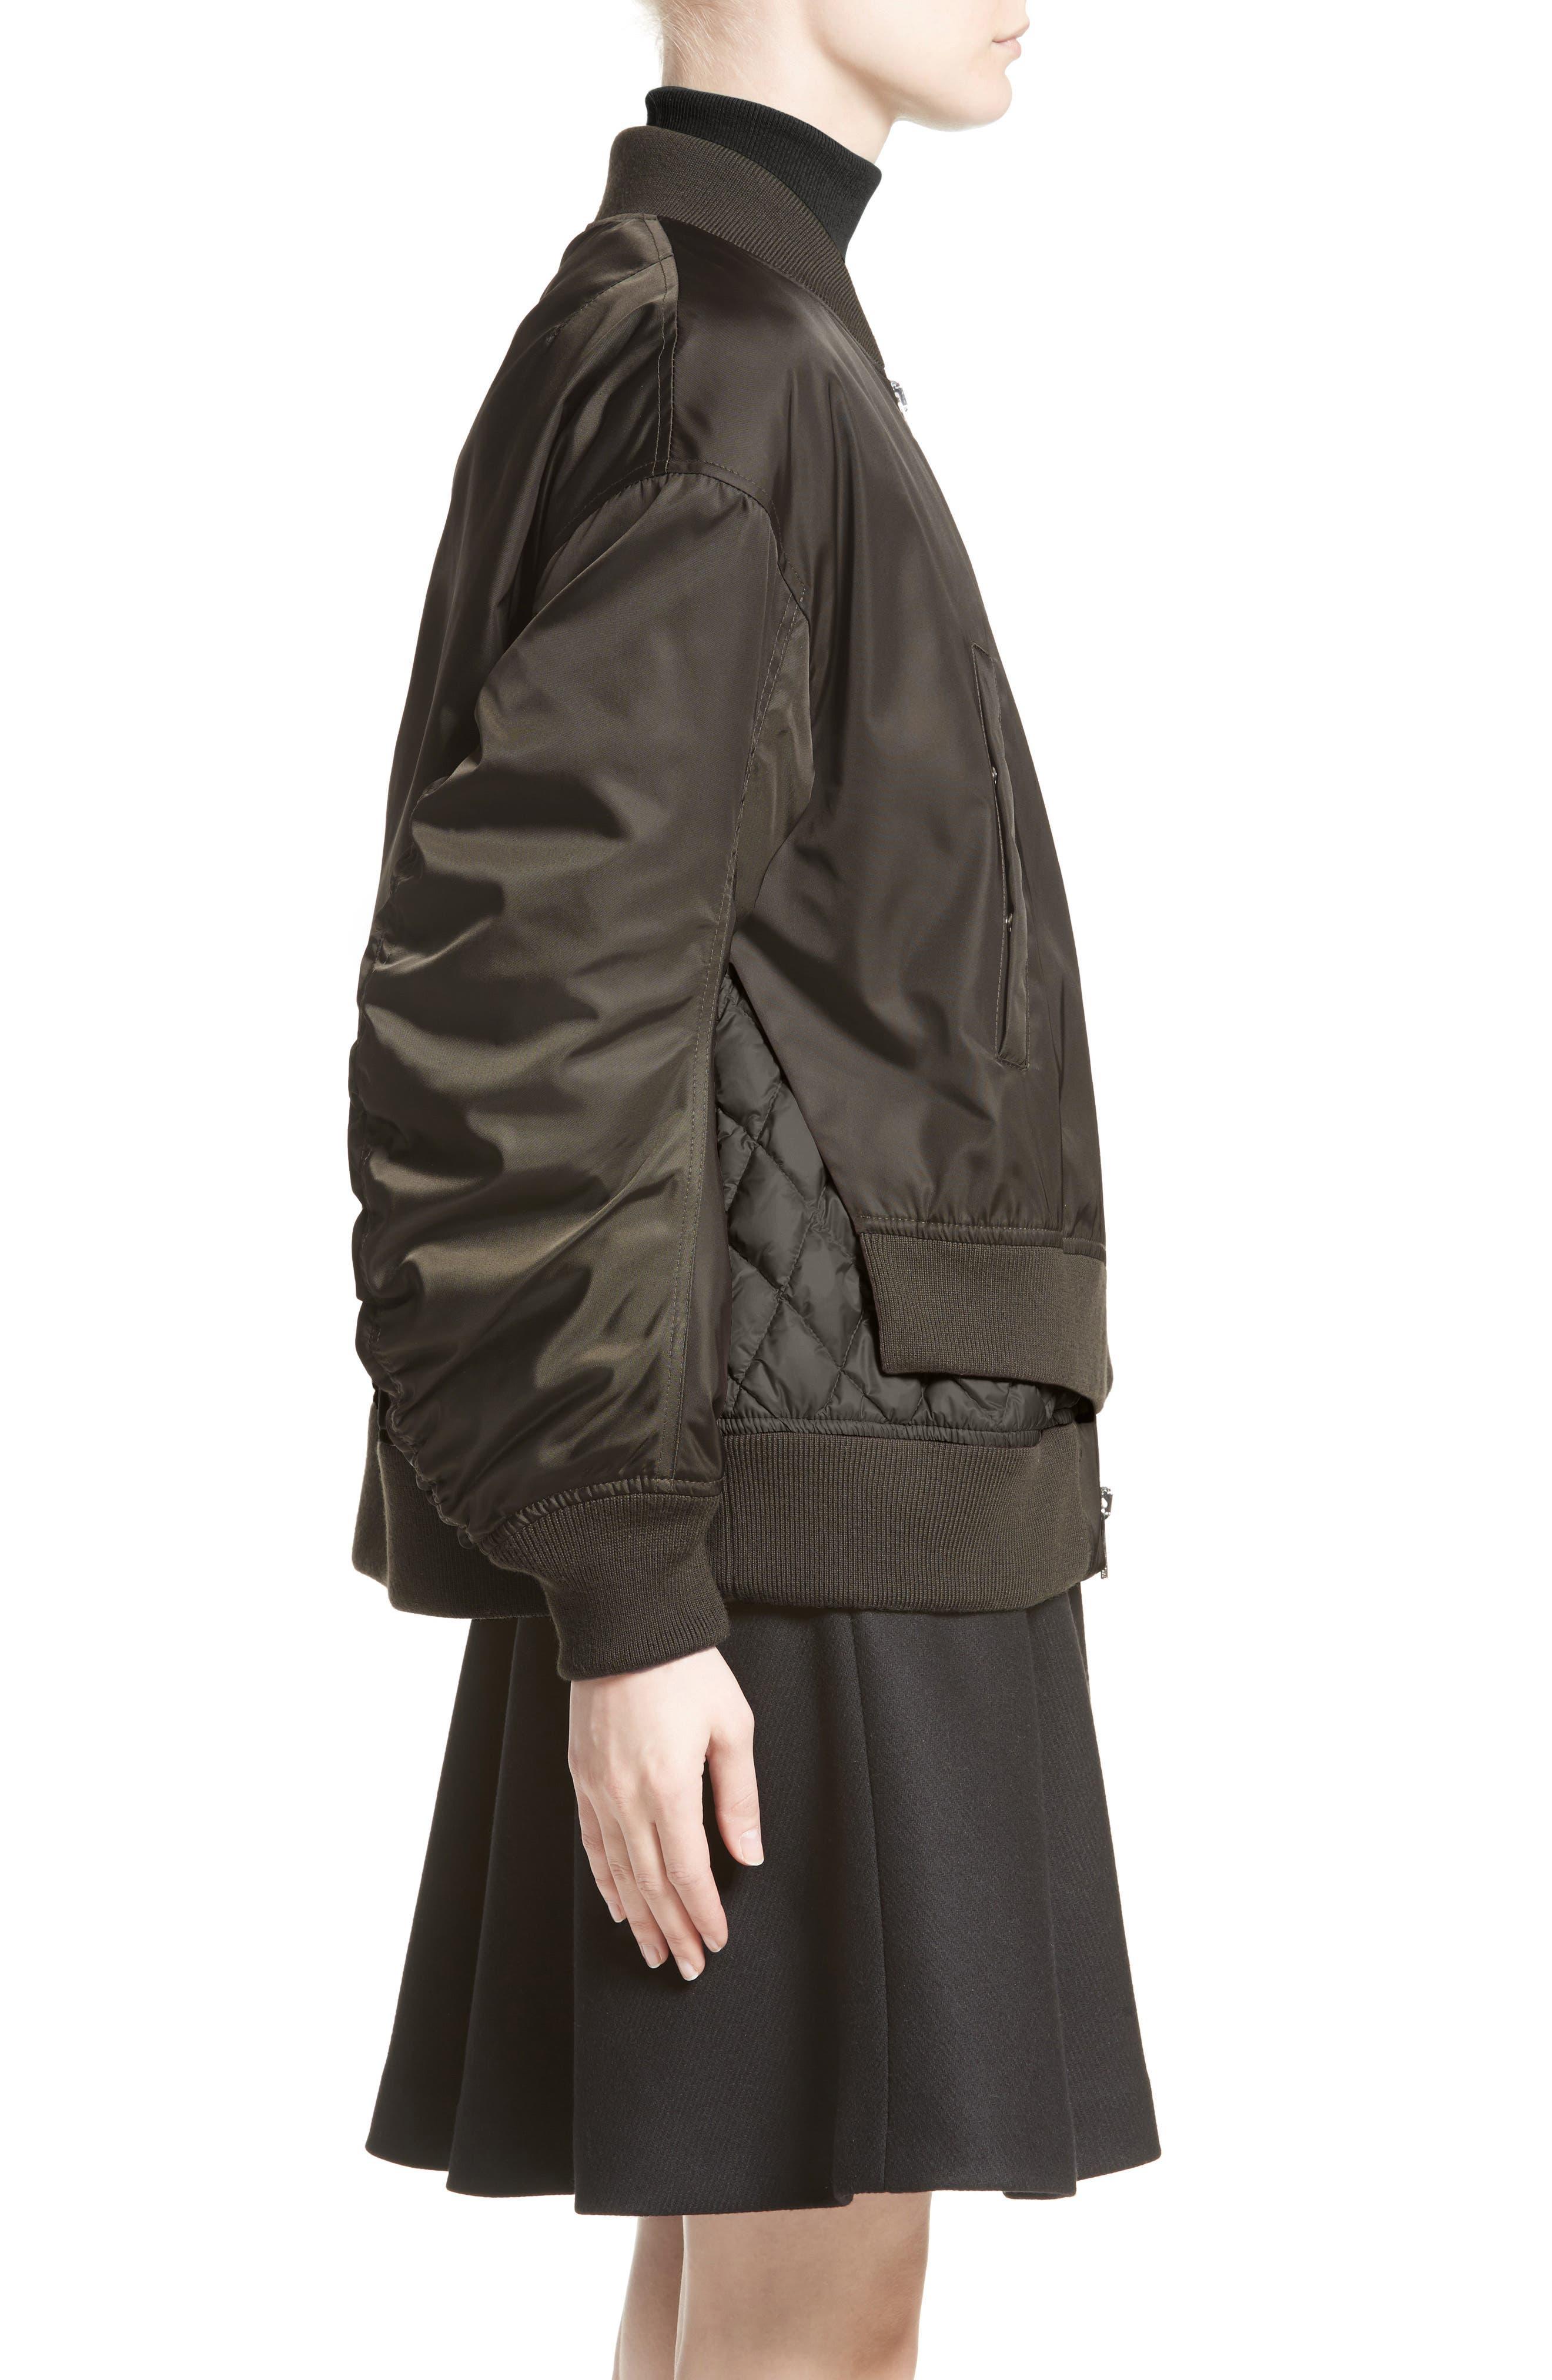 Aralia Layered Bomber Jacket,                             Alternate thumbnail 7, color,                             Olive/ Blush Lining